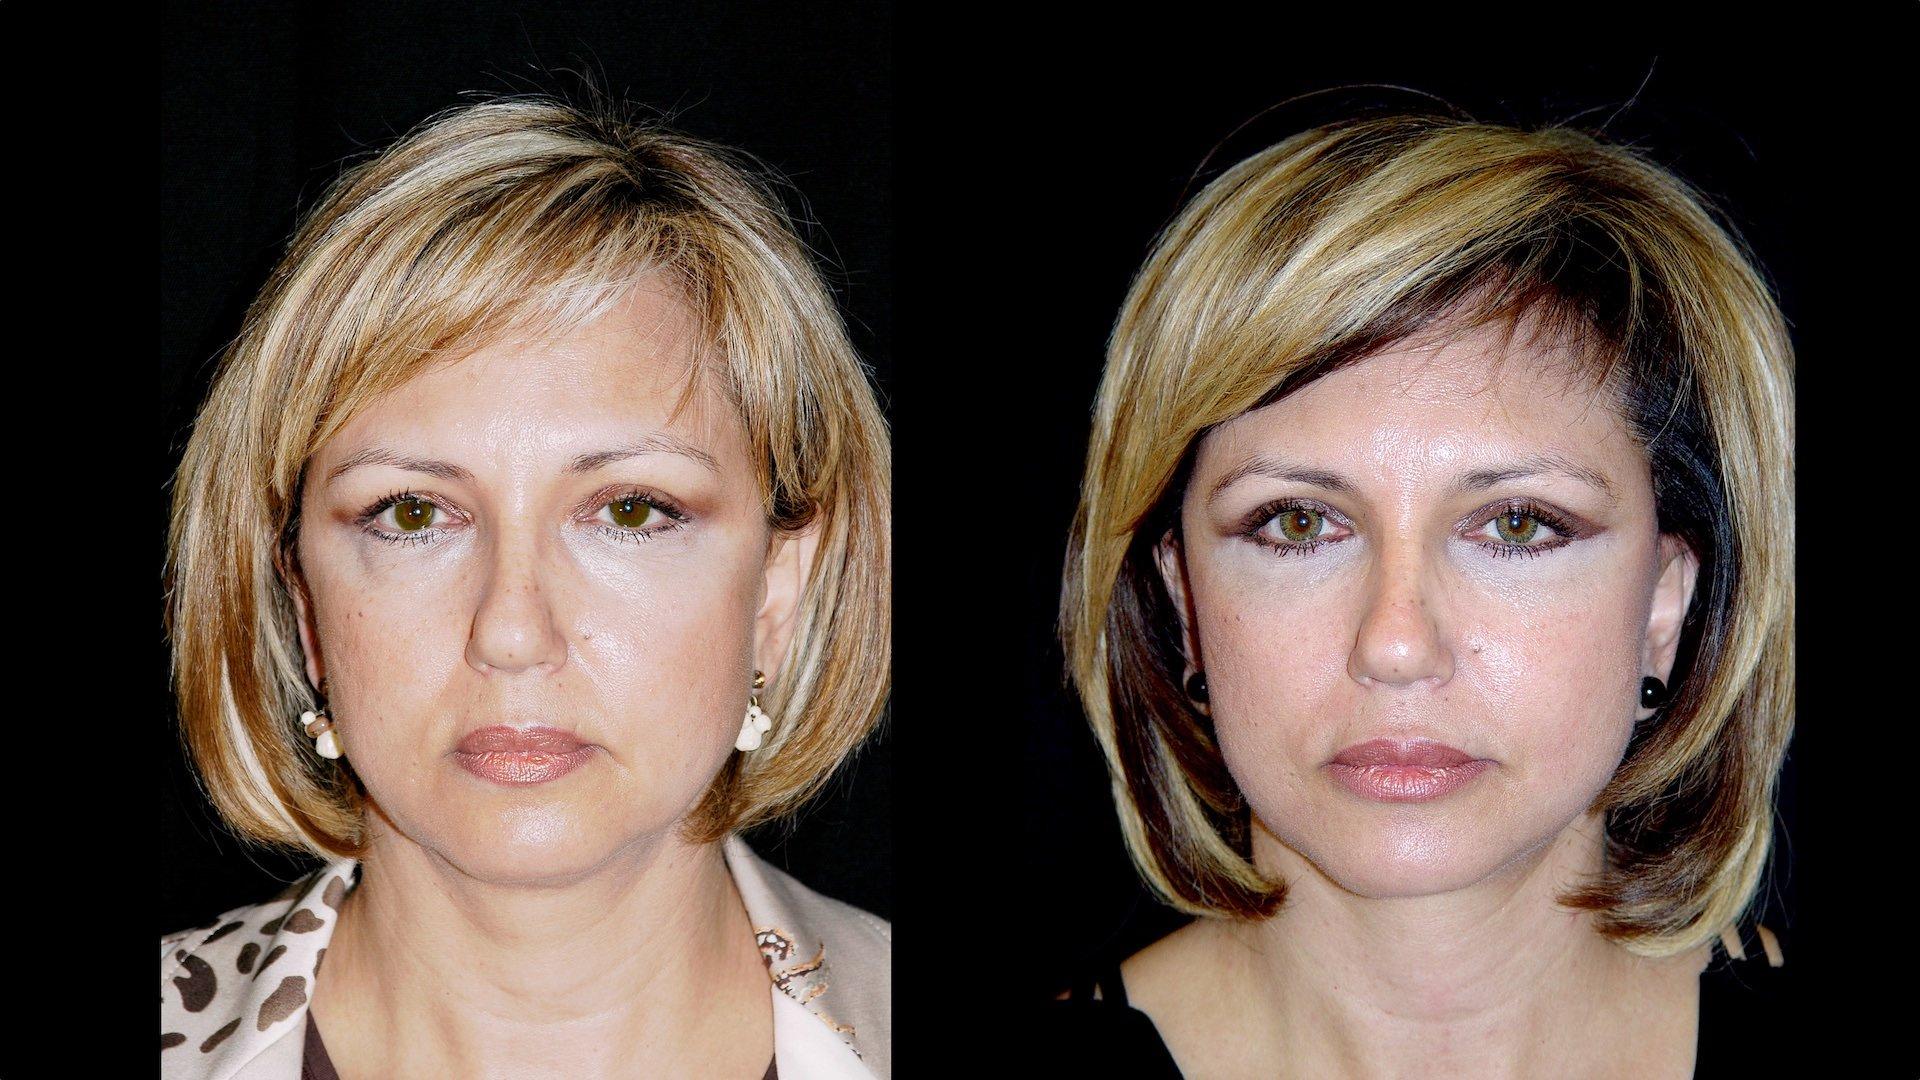 Antes e depos de face com soft lift rejuvenescimento facial contra envelhecimento e sinais do tempo na Clínica Ibérico Nogueira